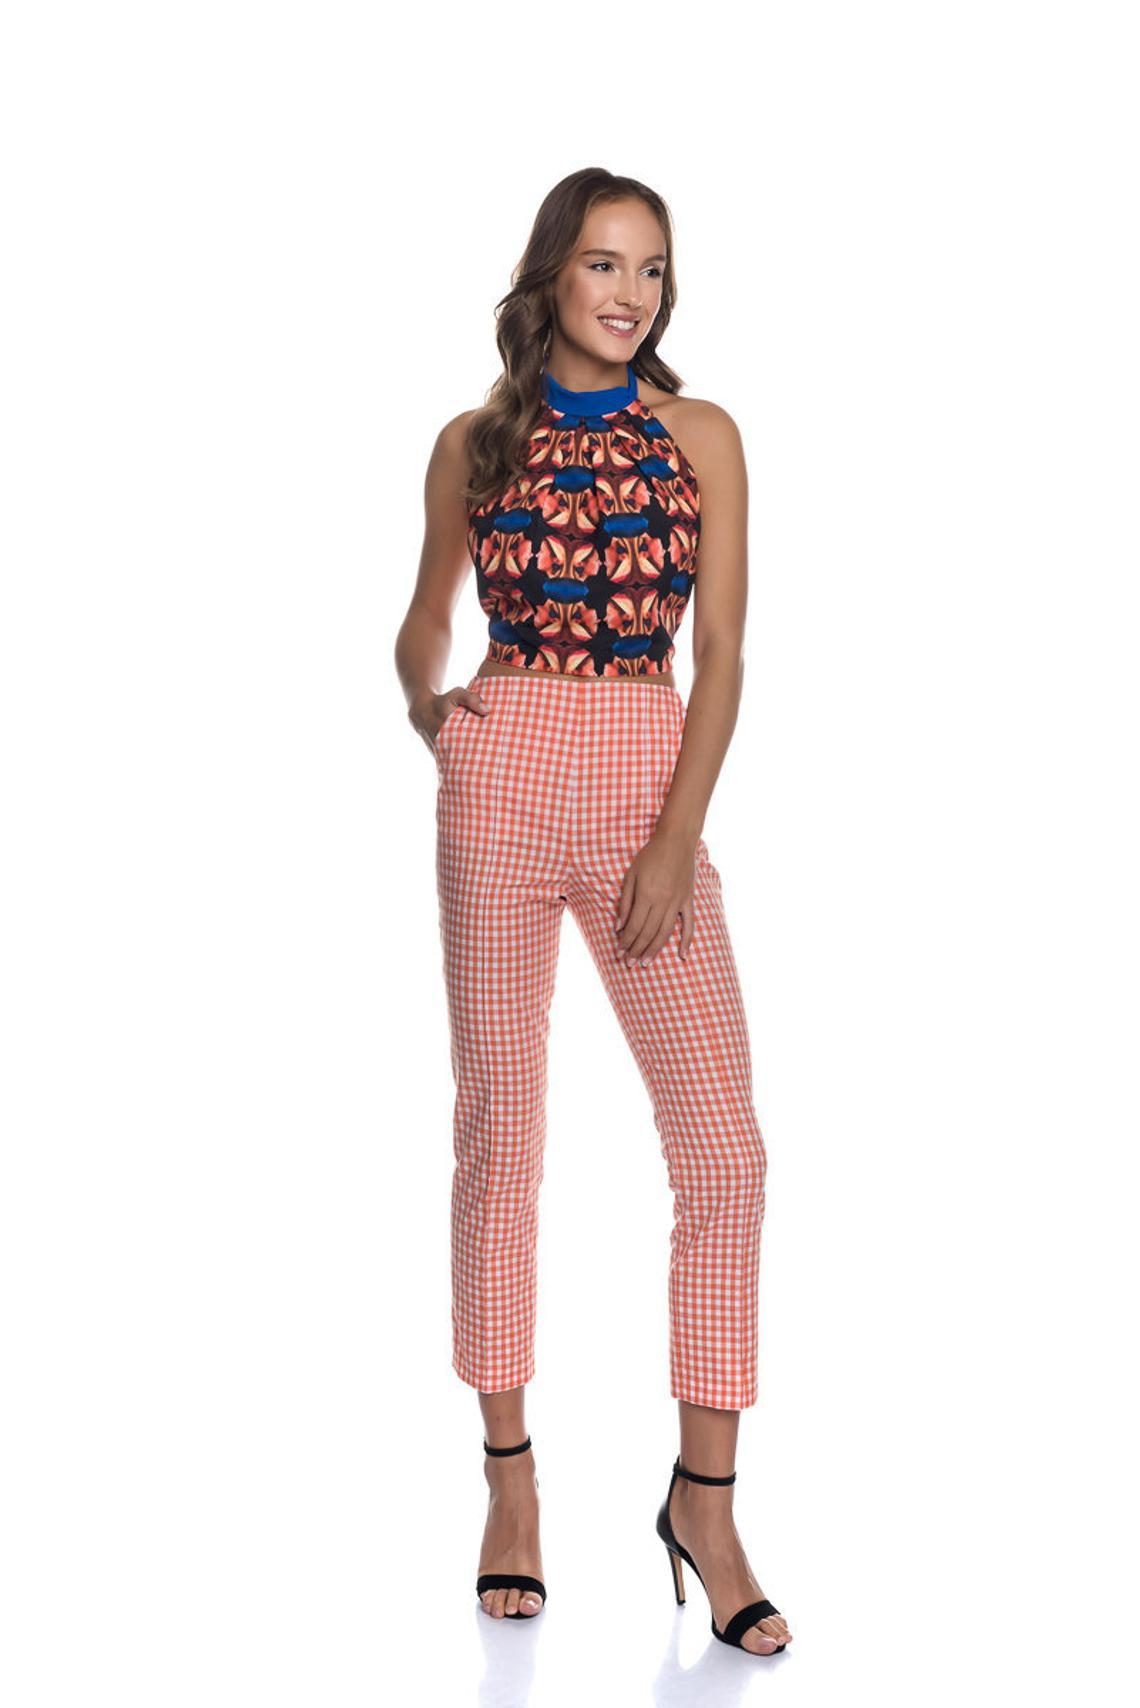 Check Trousers|Vichy Women Pants|Vichy Check Trousers|Cotton Pants|Gingham Pattern Pants|Slim Fit Trousers|Cigarette Women Trousers|Capris